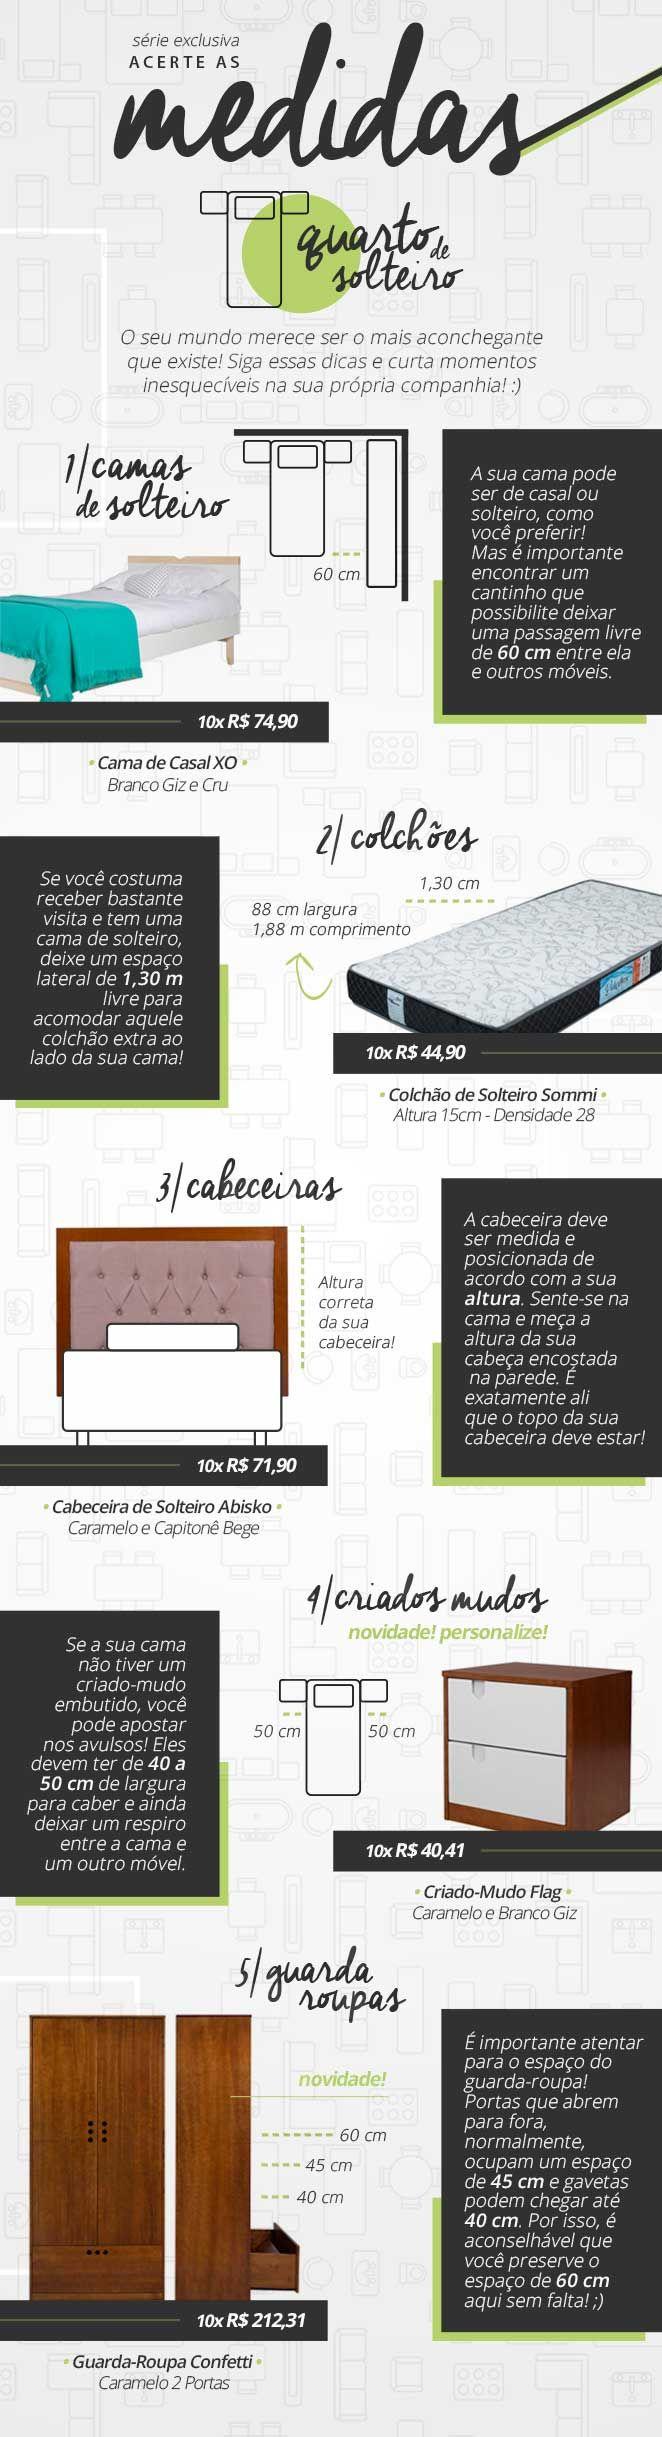 Aprenda as medidas corretas para montar um quarto de solteiro muito confortável e bonito!